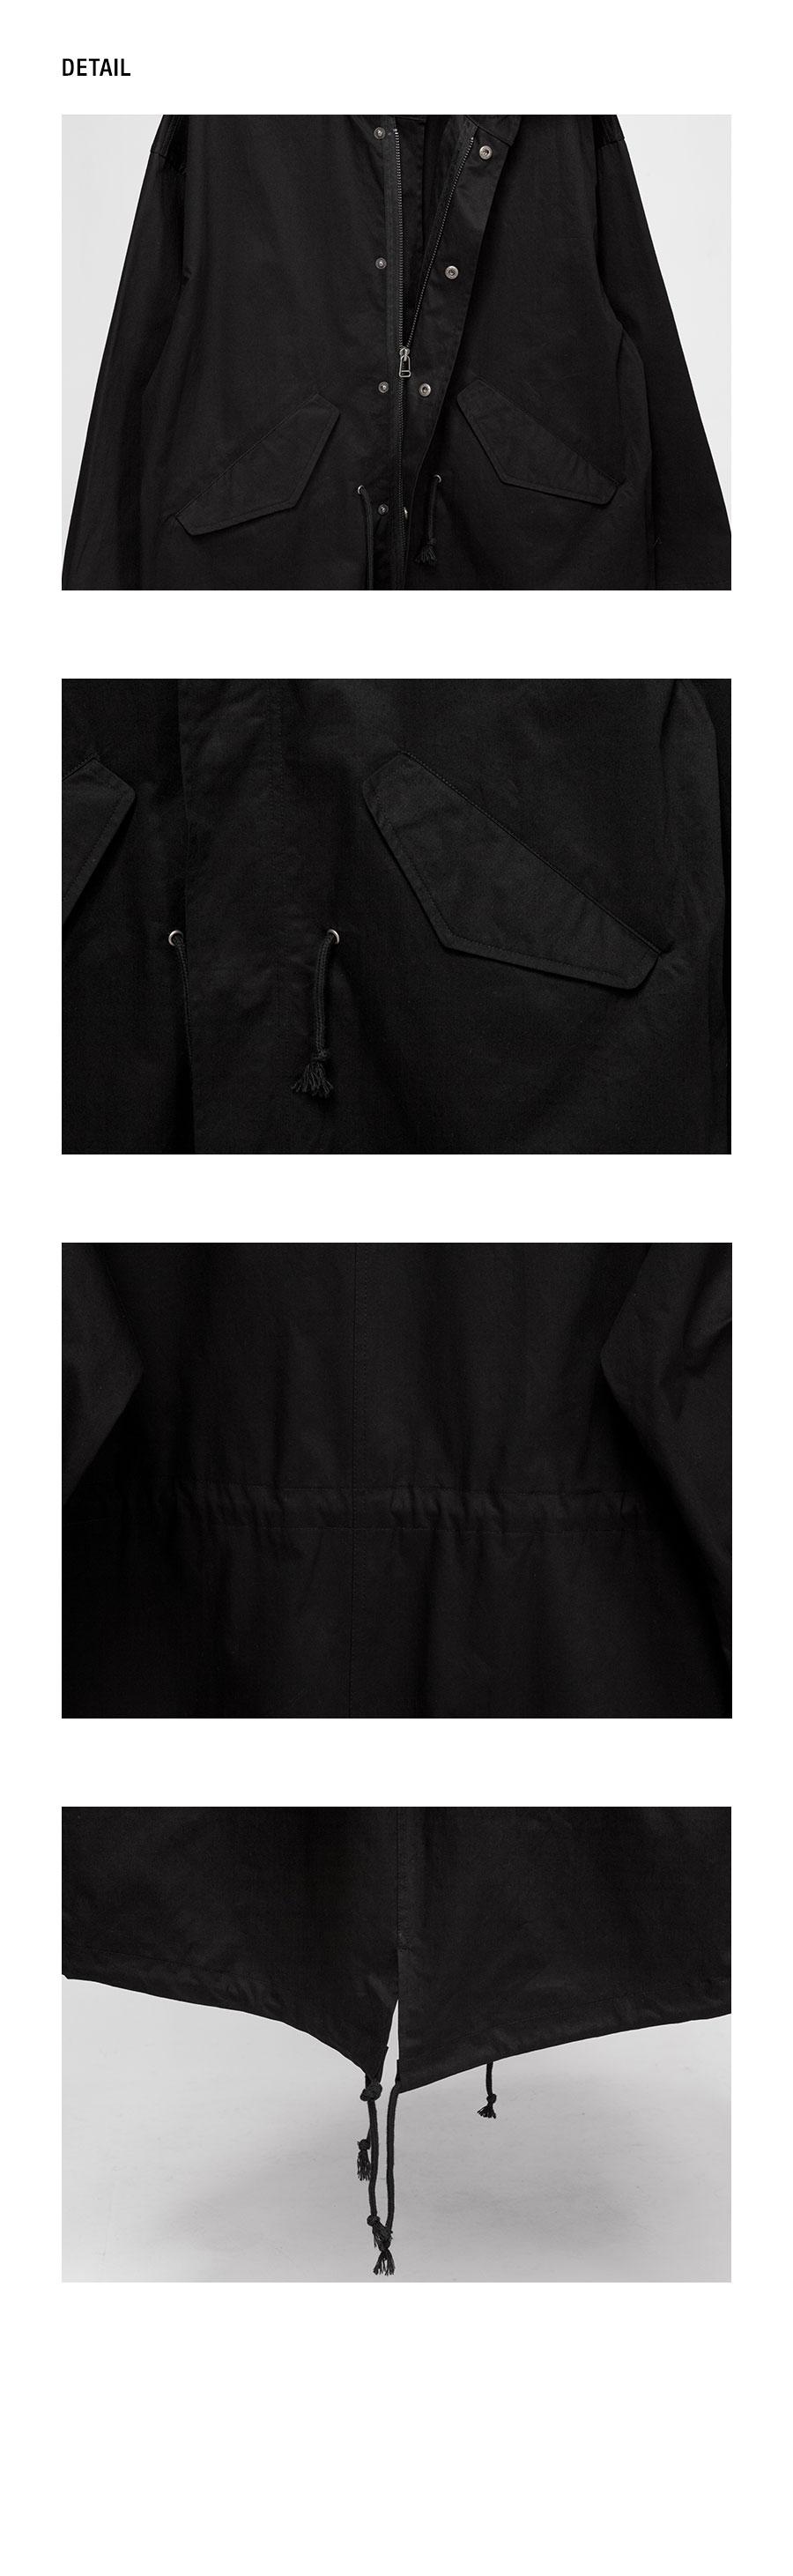 시그니처(SIGNATURE) 유니섹스 오버핏 피쉬테일[블랙]